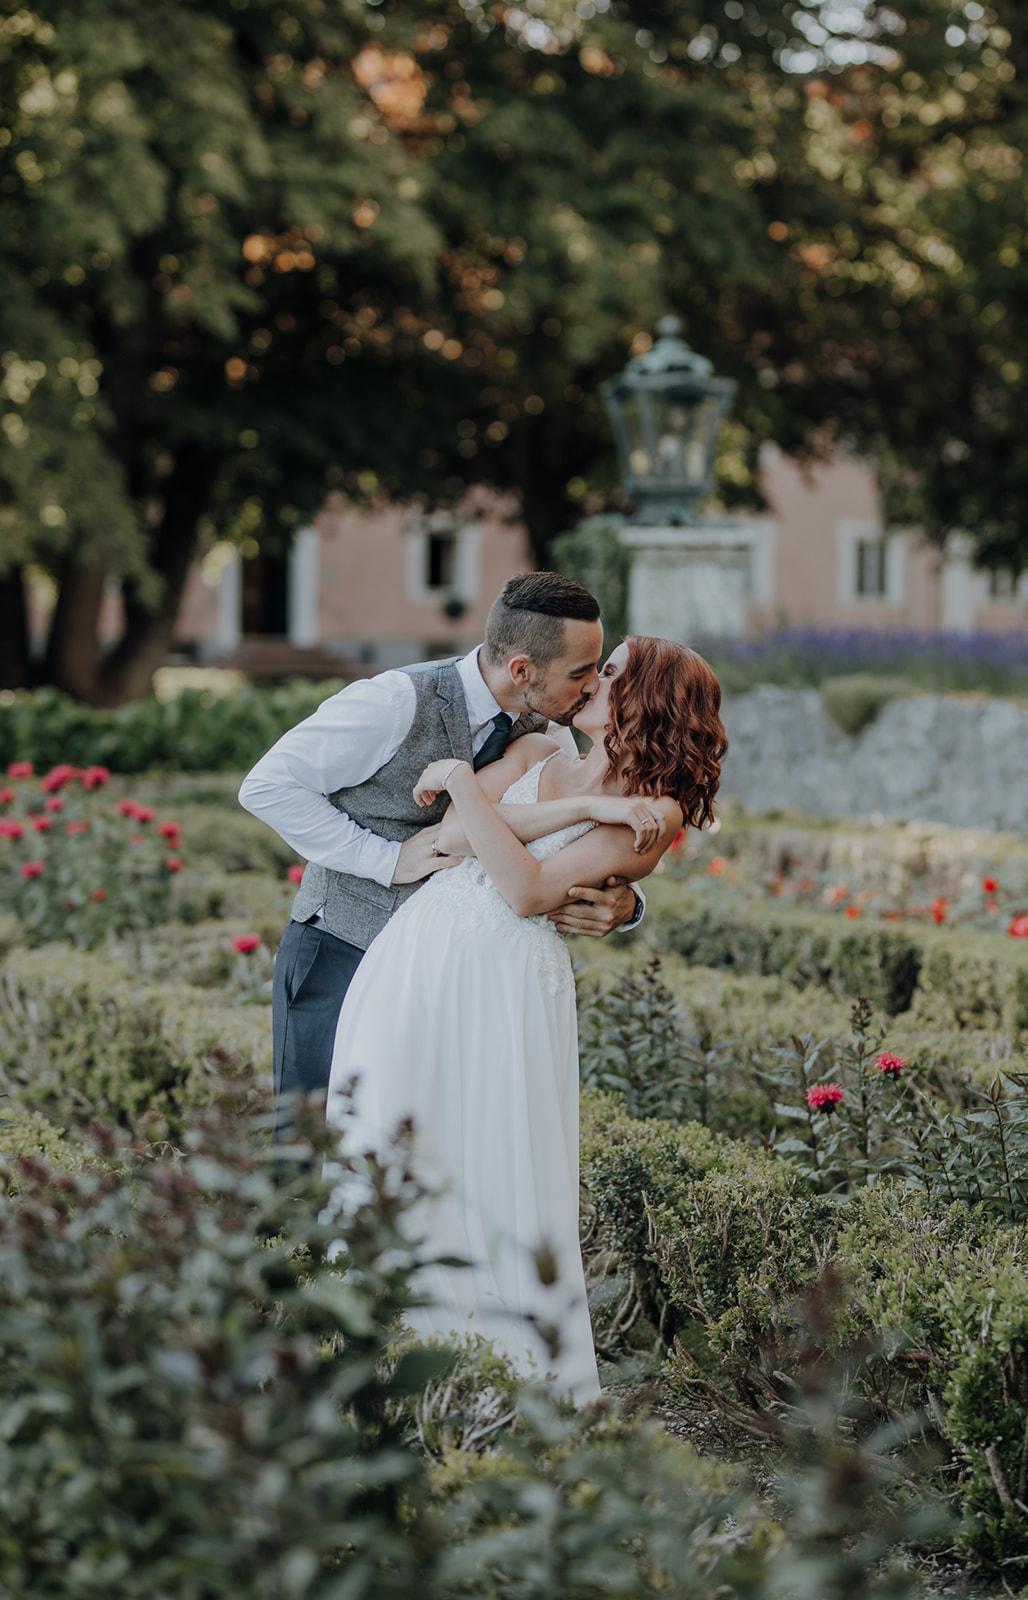 Brautpaar küsst sich in Park